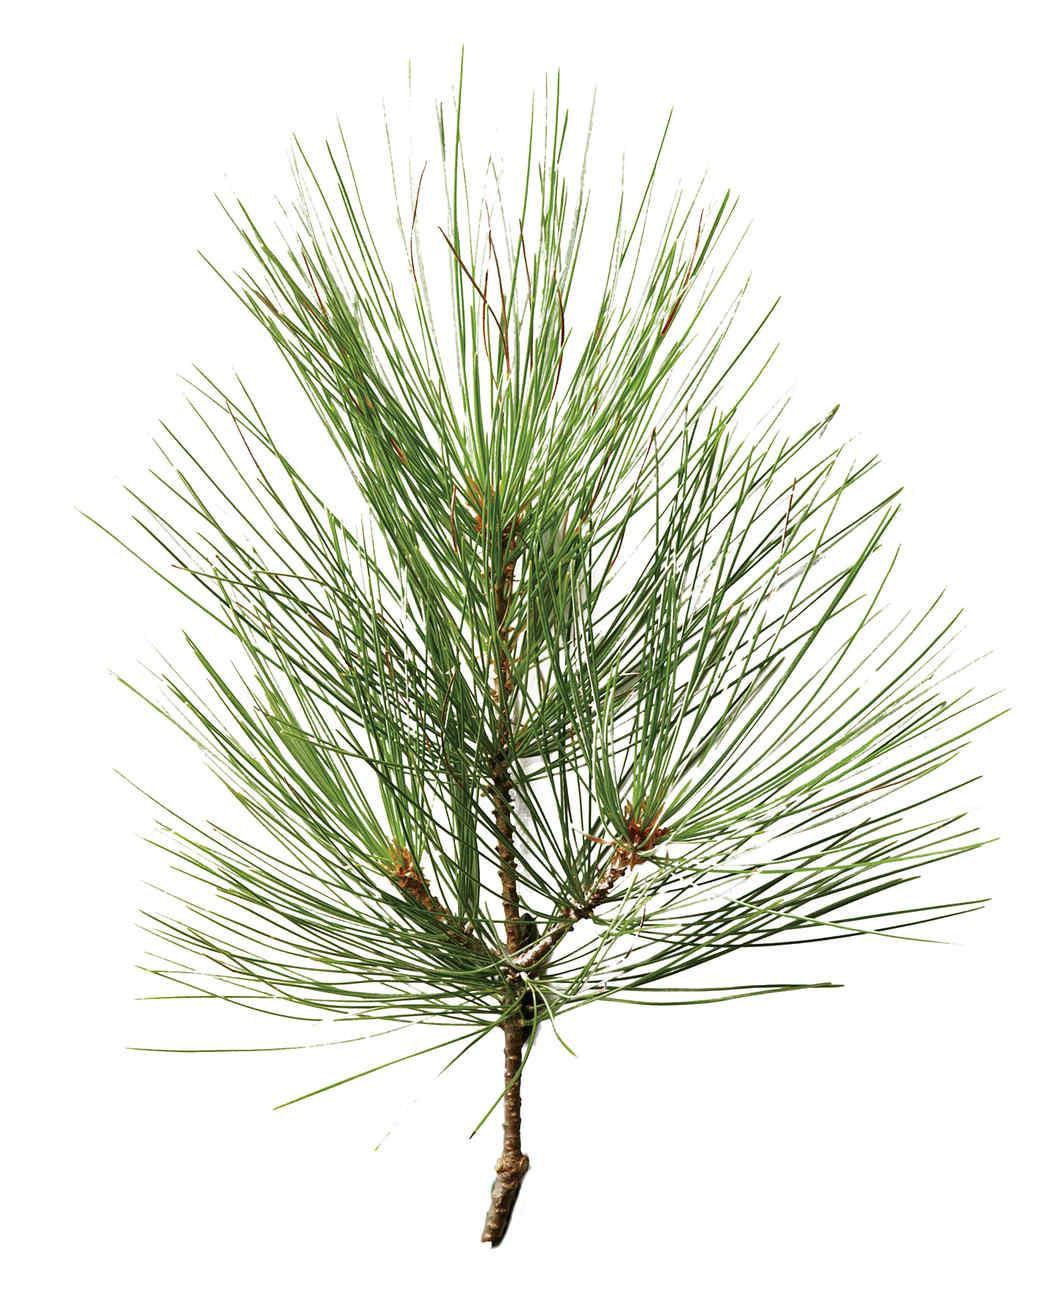 white-pine-mld107876.jpg